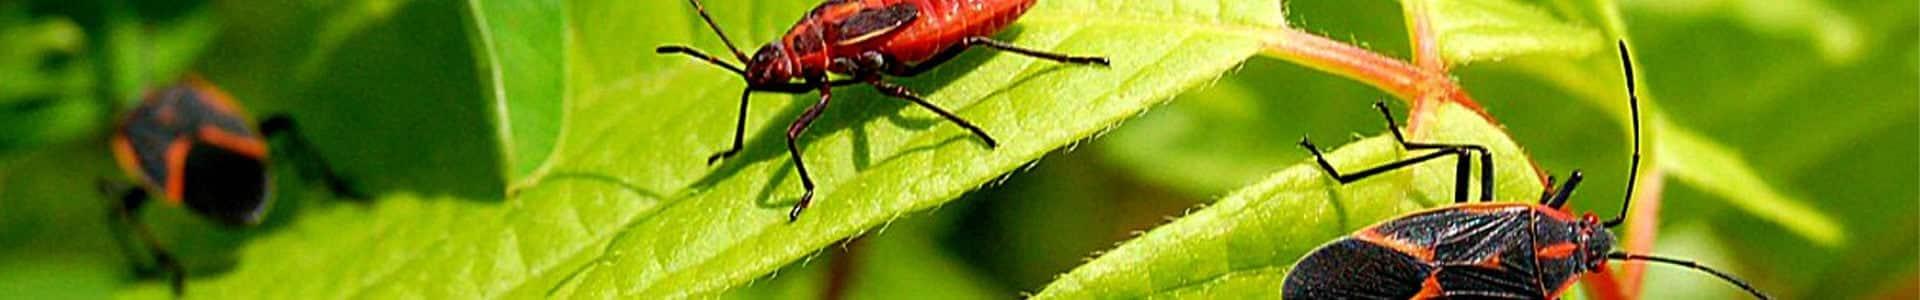 Miscellaneous Pests – Extermination & Pest Control